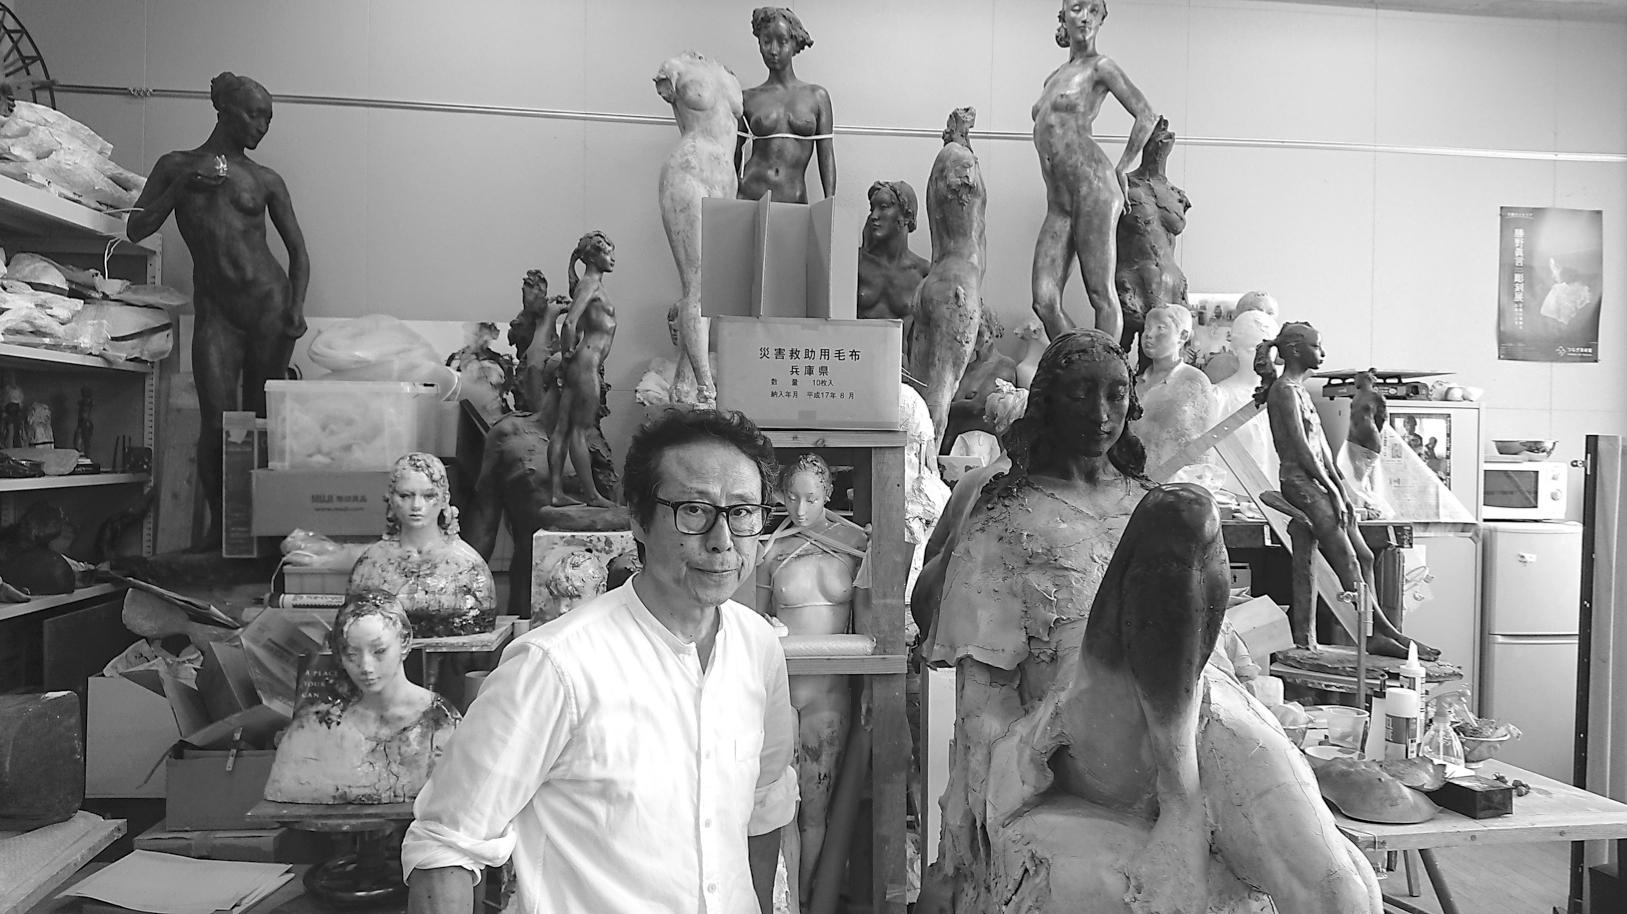 お金を目指さない人生はすがすがしい ふるさとの山河を女性像に投影したいという彫刻家・勝野眞言さんの哲学